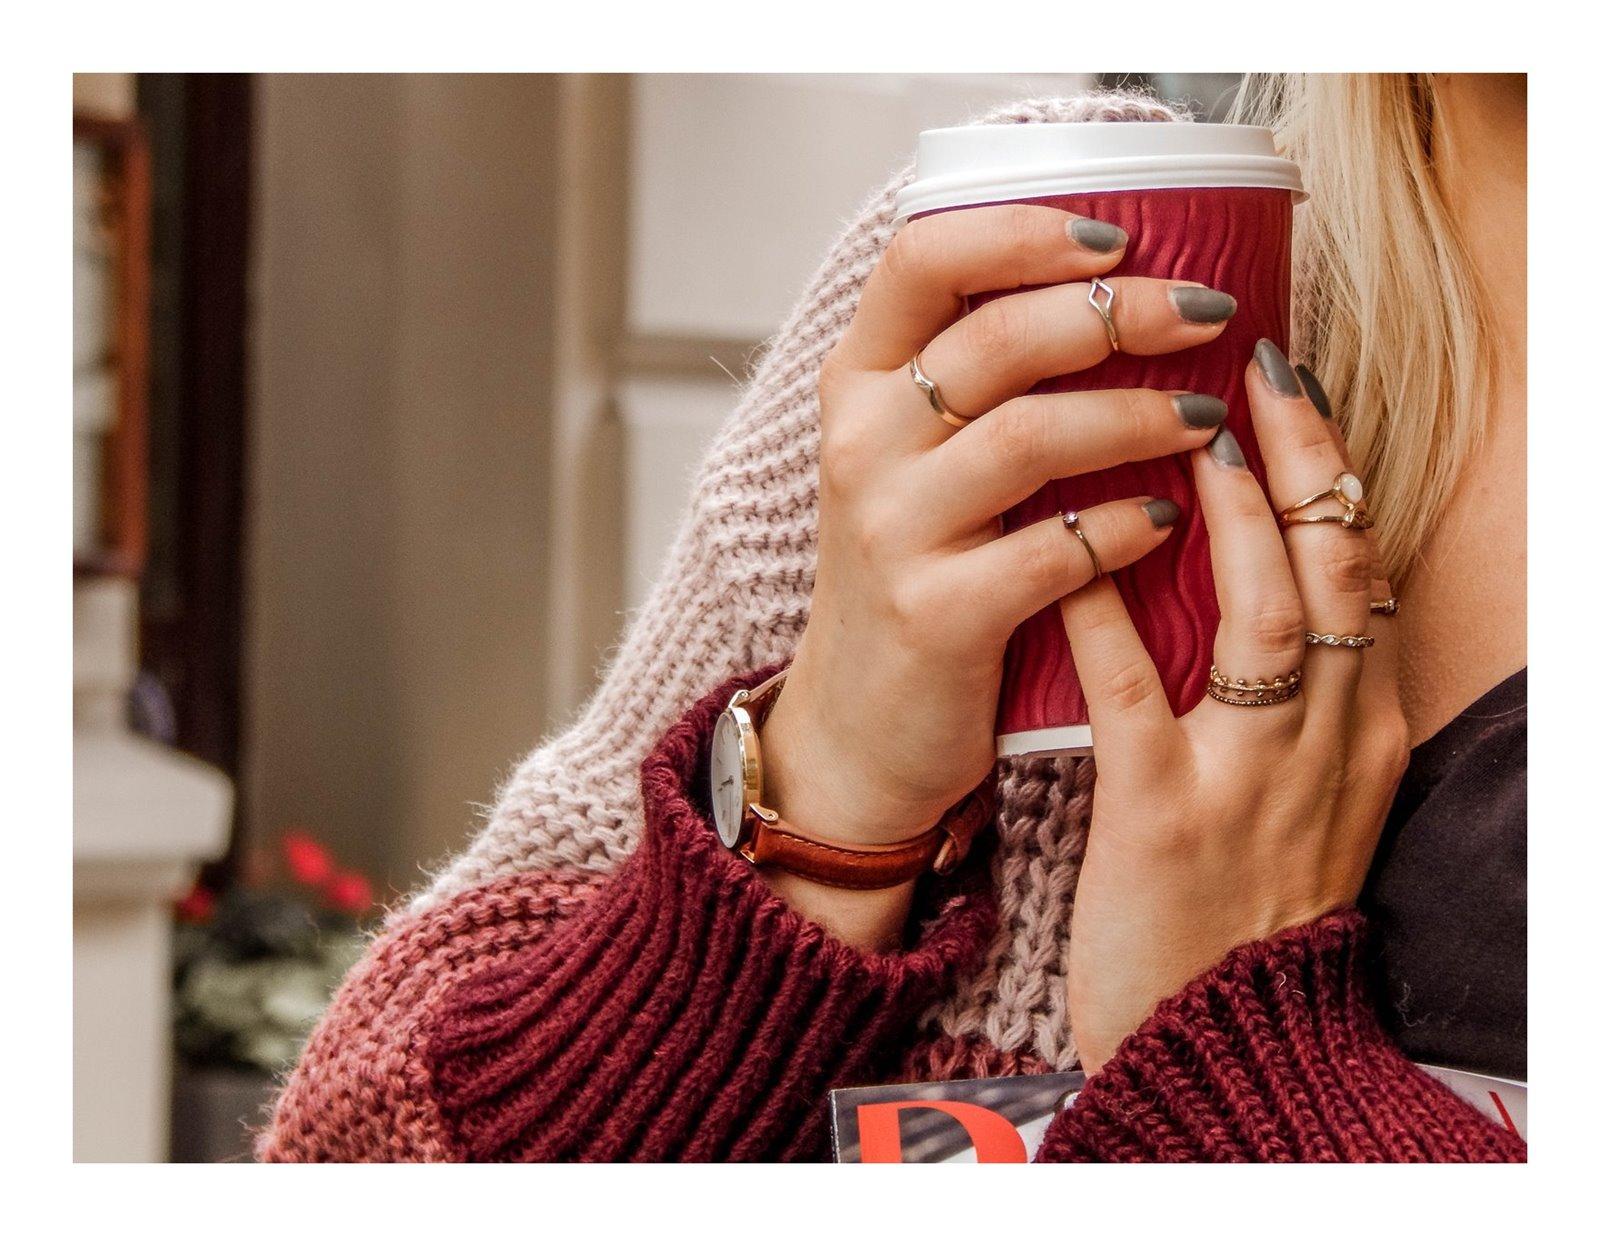 10 detale zegarek daniel wellington złote pierścionki pomysł na stylizacje prezent modnapolka łódź outfit jak nosić swetry owersize kolorowe ubrania na jesień co jest modne jesień zima 2018 blondynka kolory włosy